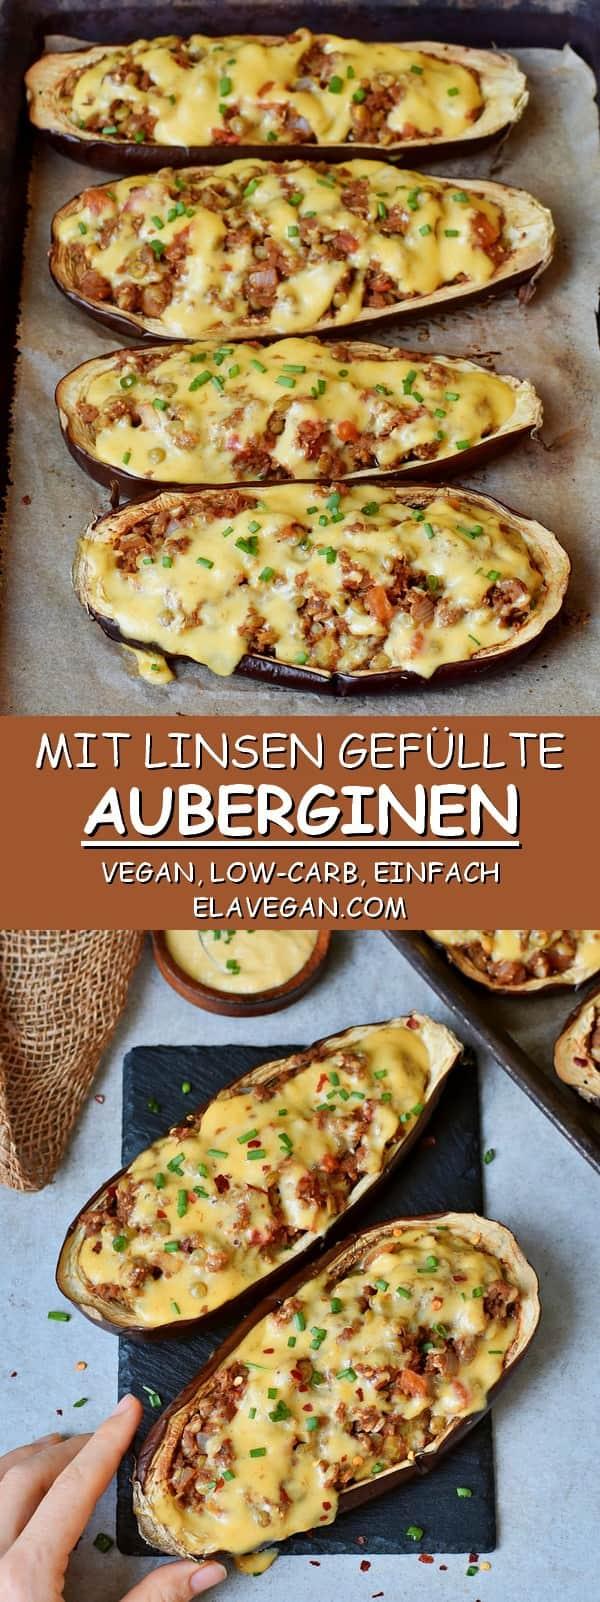 Mit Linsen gefüllte Auberginen vegan low-carb einfach